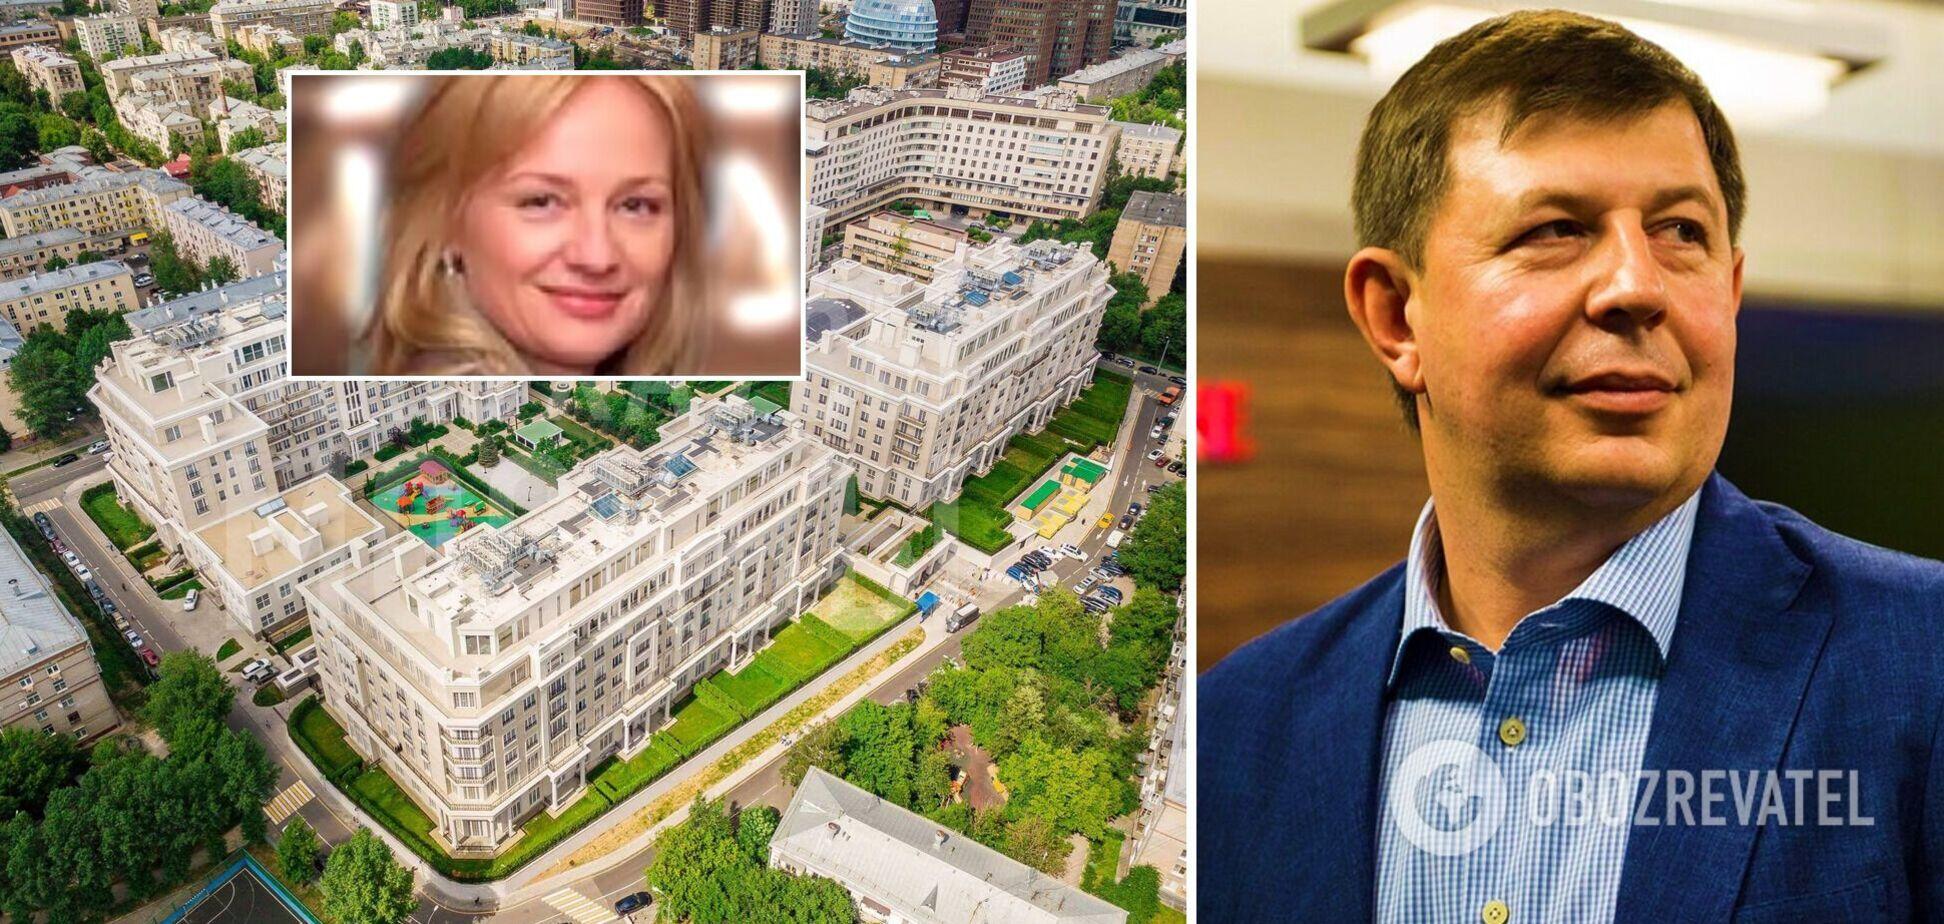 Журналисты нашли у гражданской жены подсанкционного Козака квартиру в Москве за $13 млн. Фото и видео